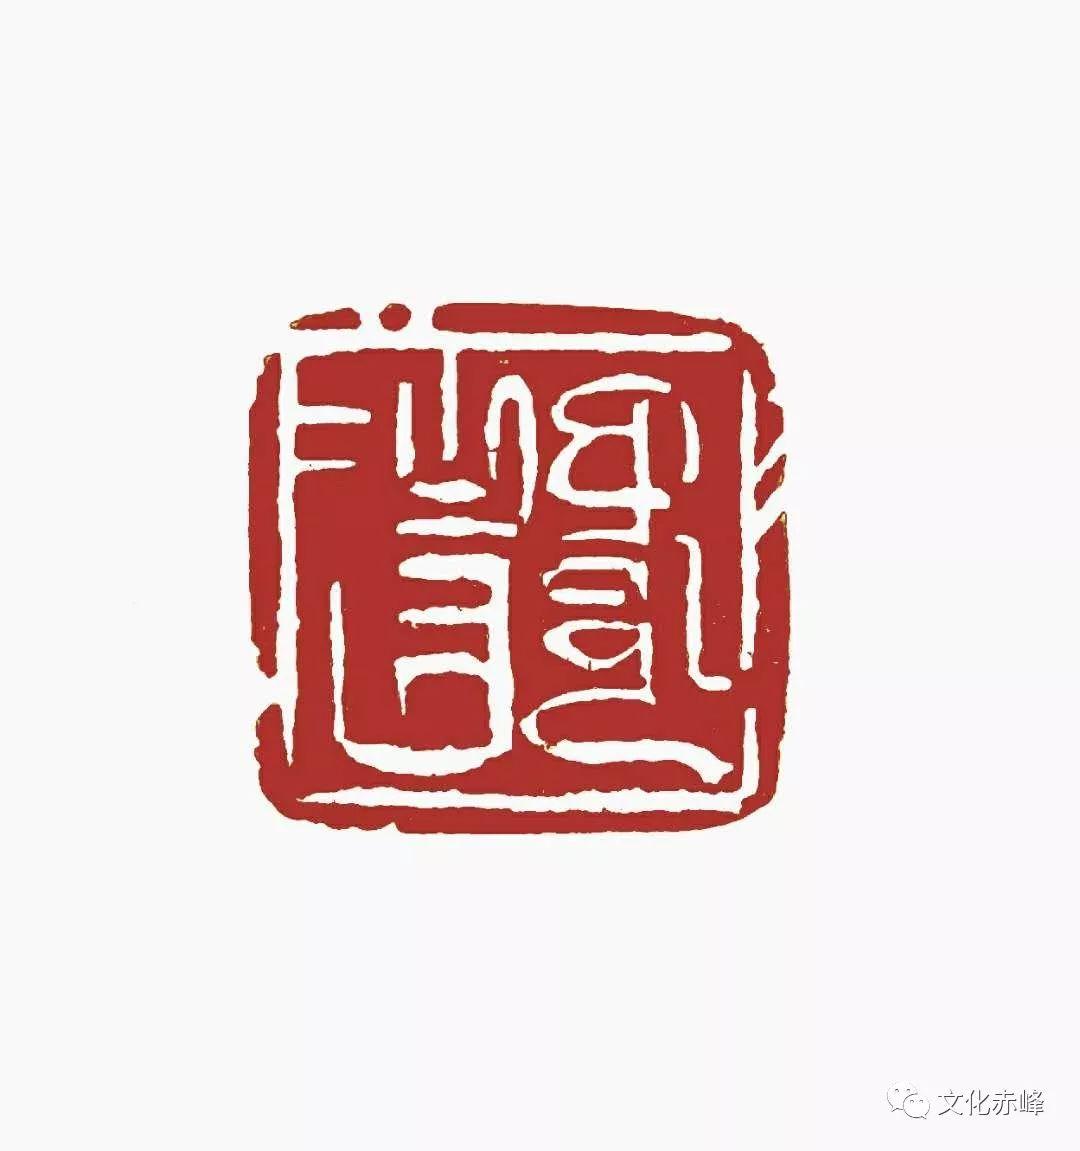 【文化赤峰】乐·达尔罕篆刻作品欣赏! 第9张 【文化赤峰】乐·达尔罕篆刻作品欣赏! 蒙古书法